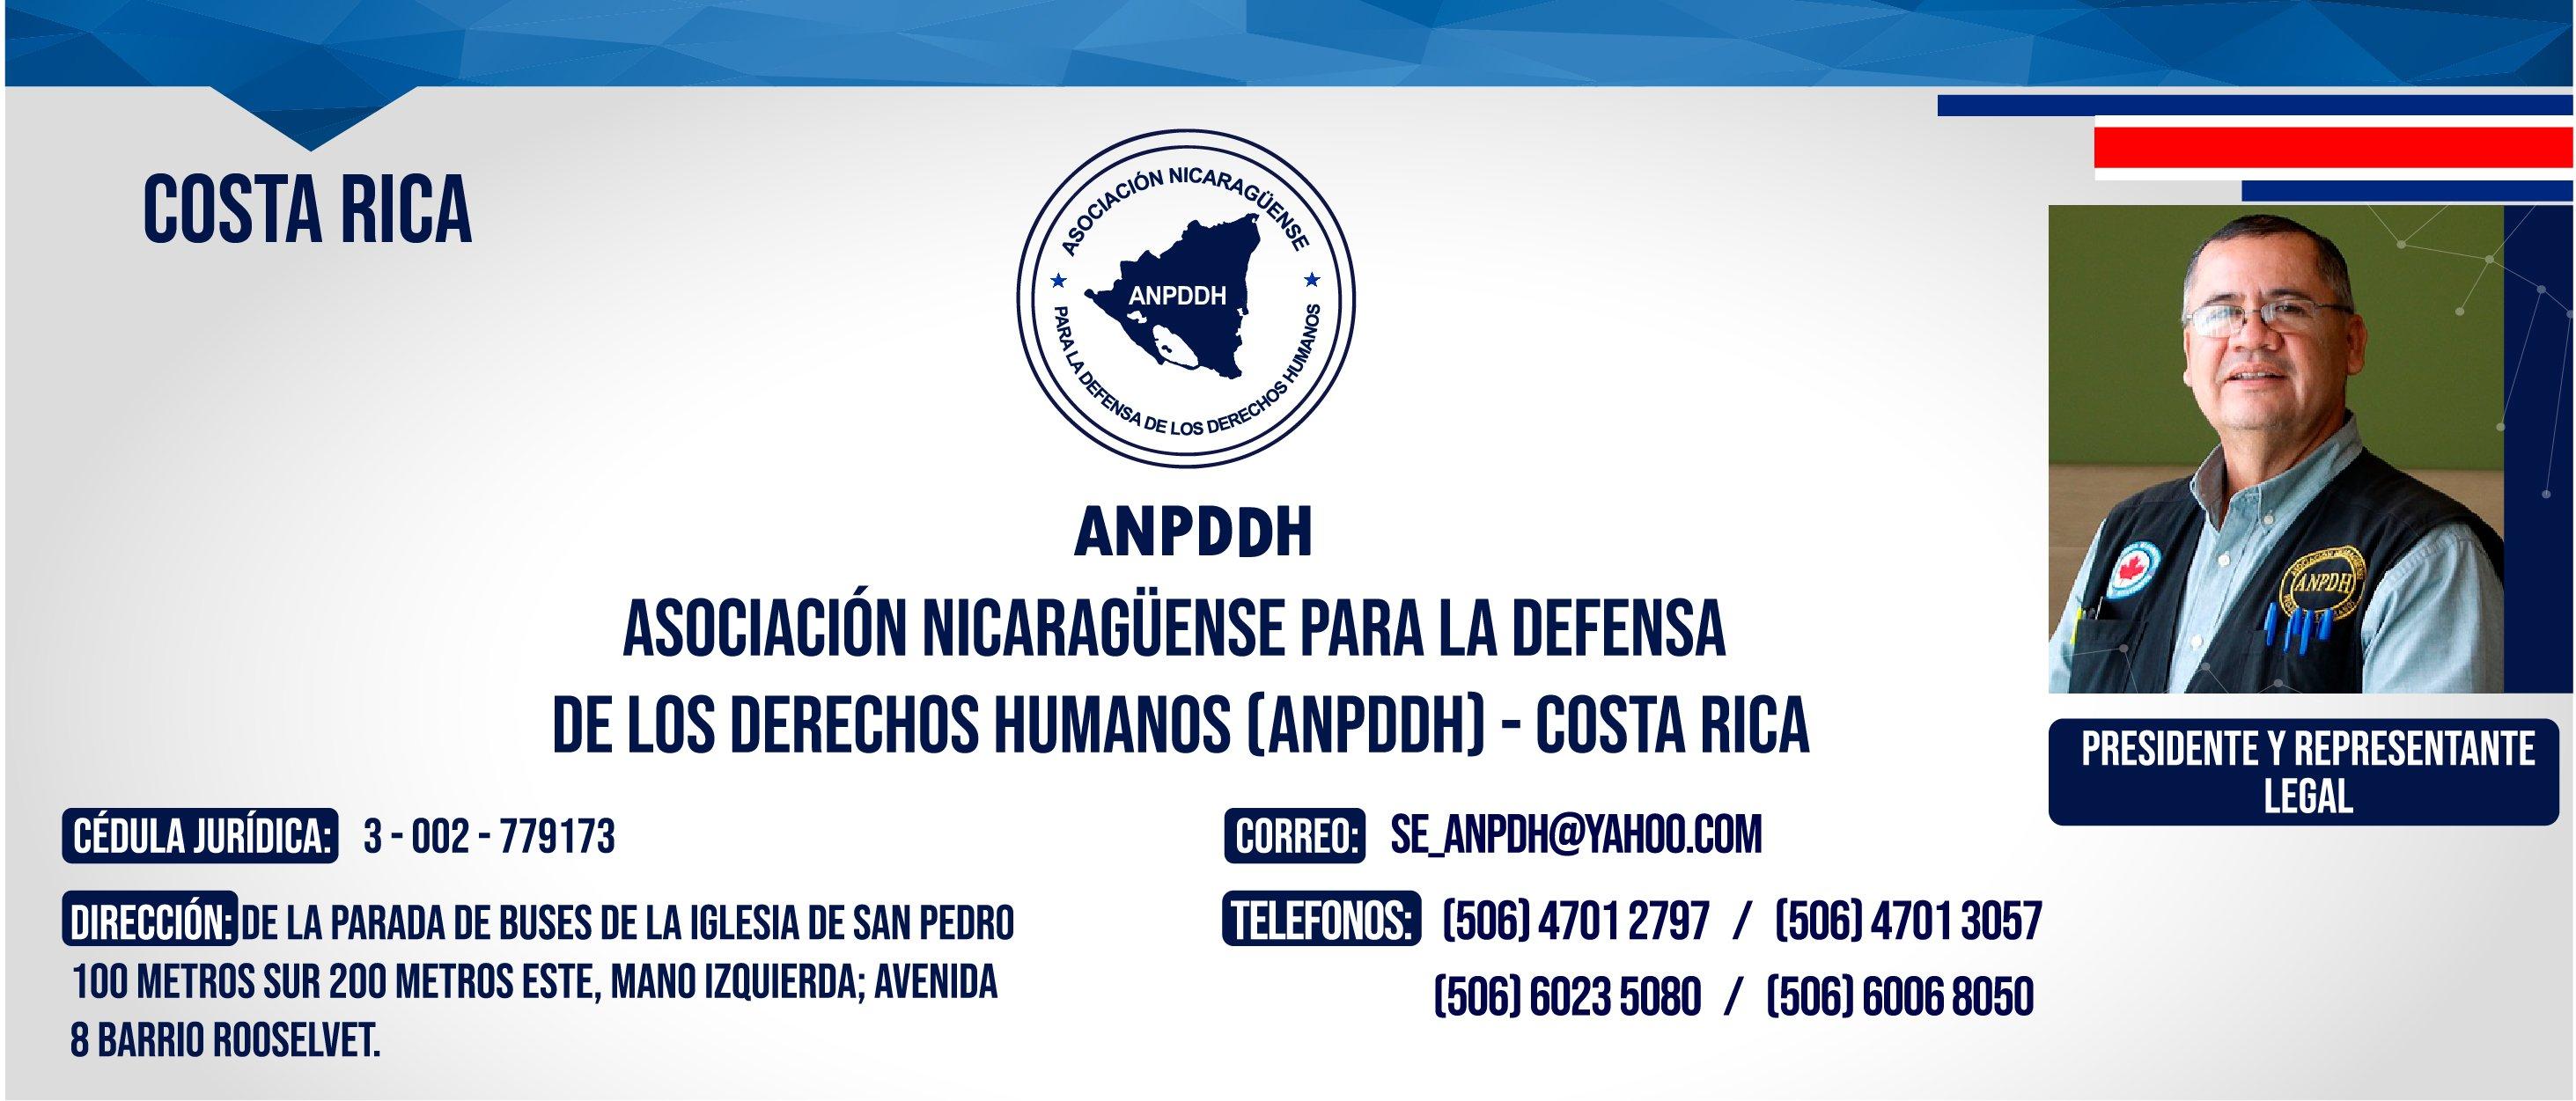 ANPDDH COSTA RICA